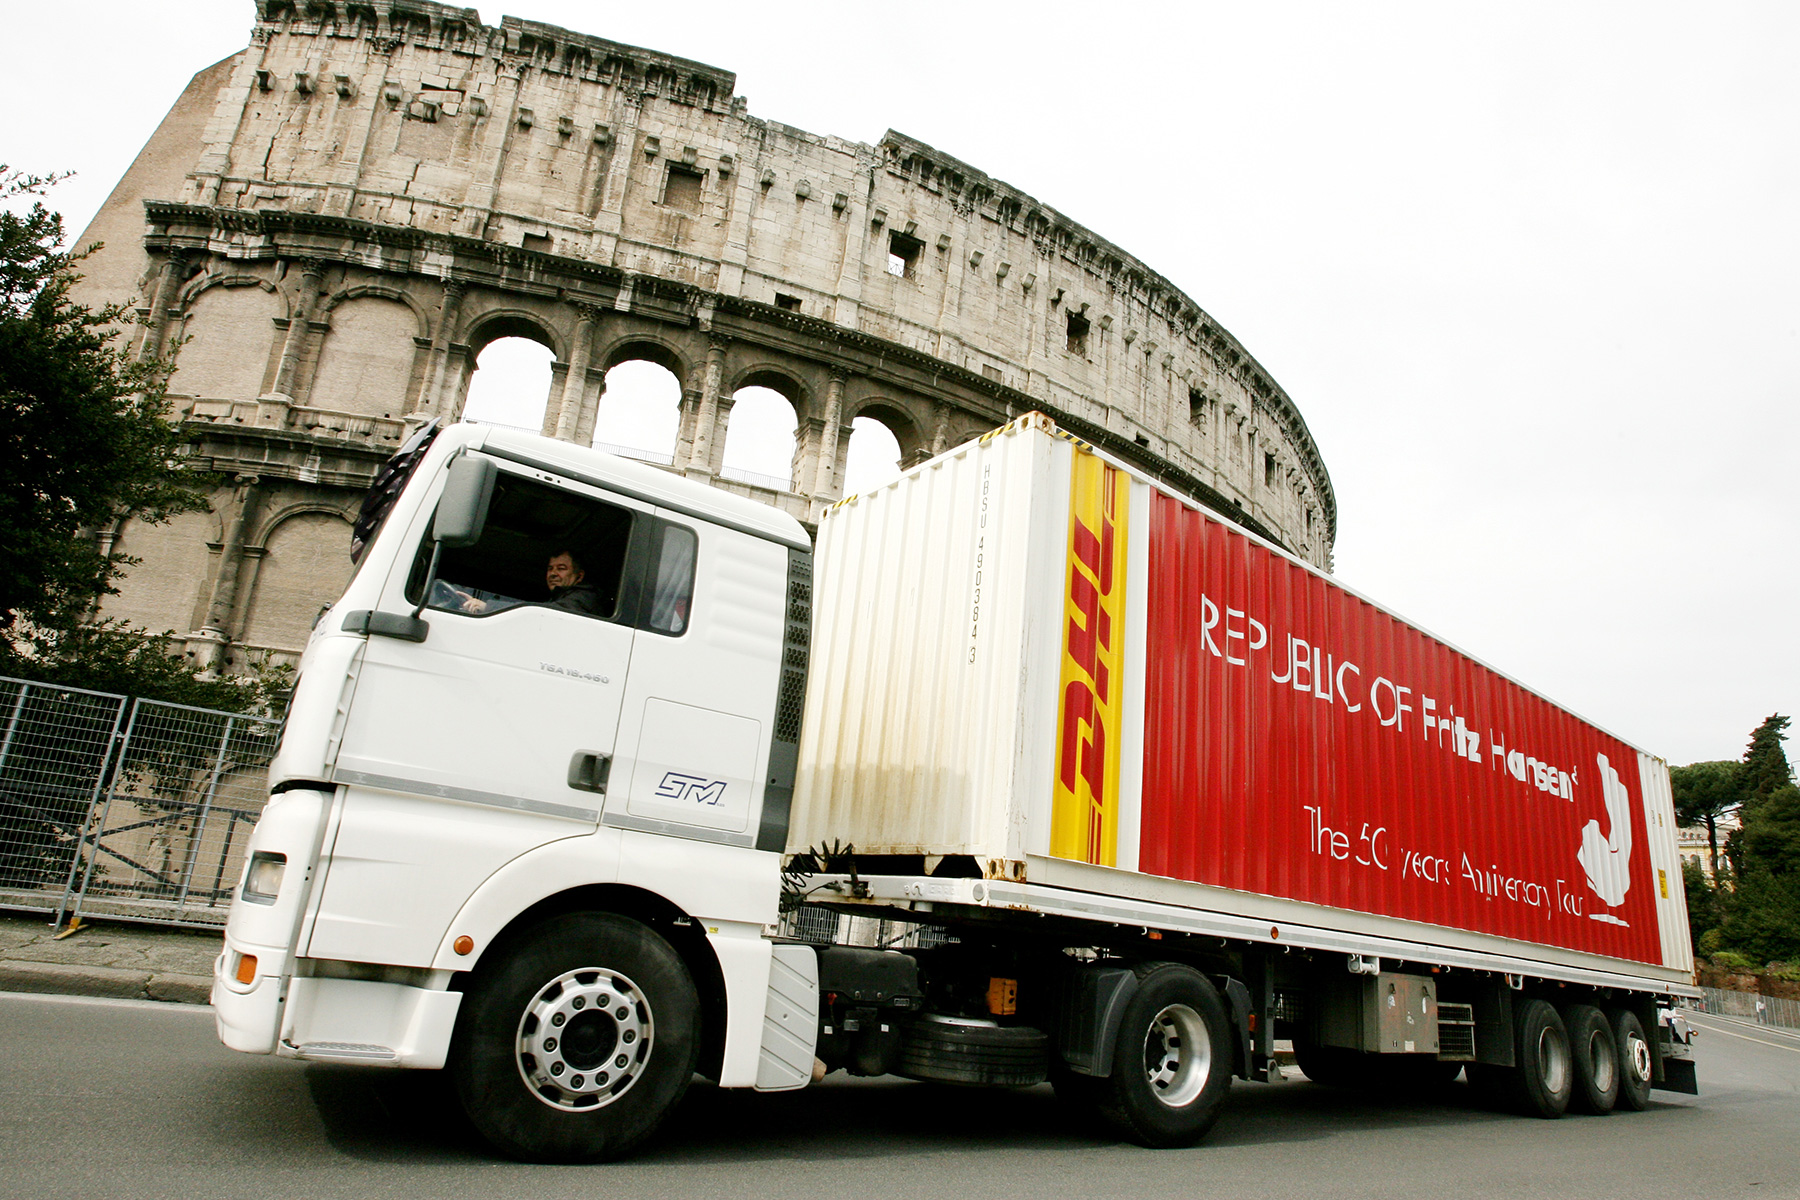 la repubblica di fritz hansen in tour a roma per AD interni